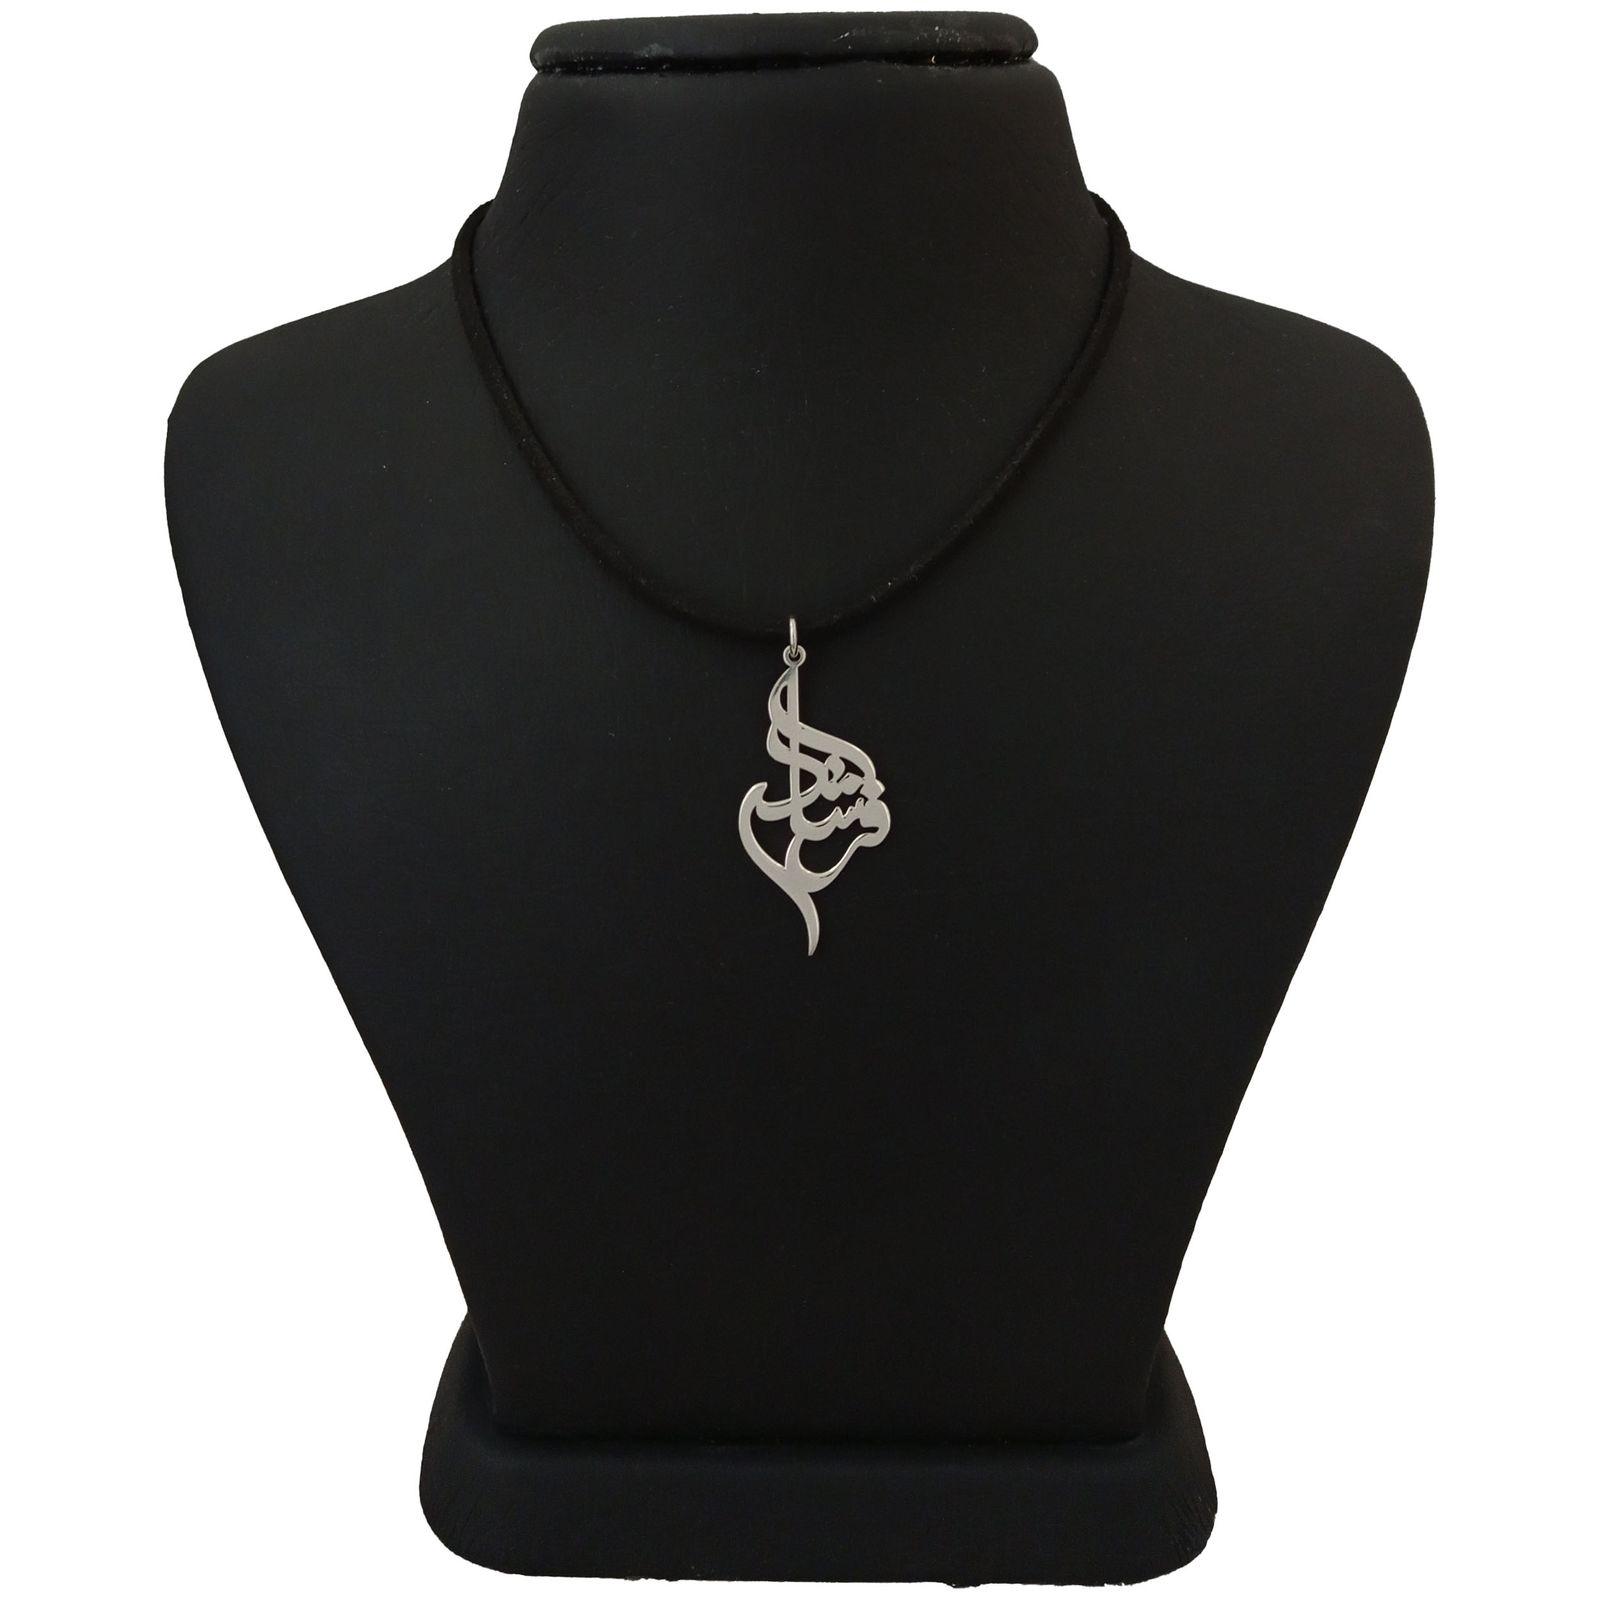 گردنبند نقره مردانه ترمه 1 طرح فرشاد کد mas 0022 -  - 2